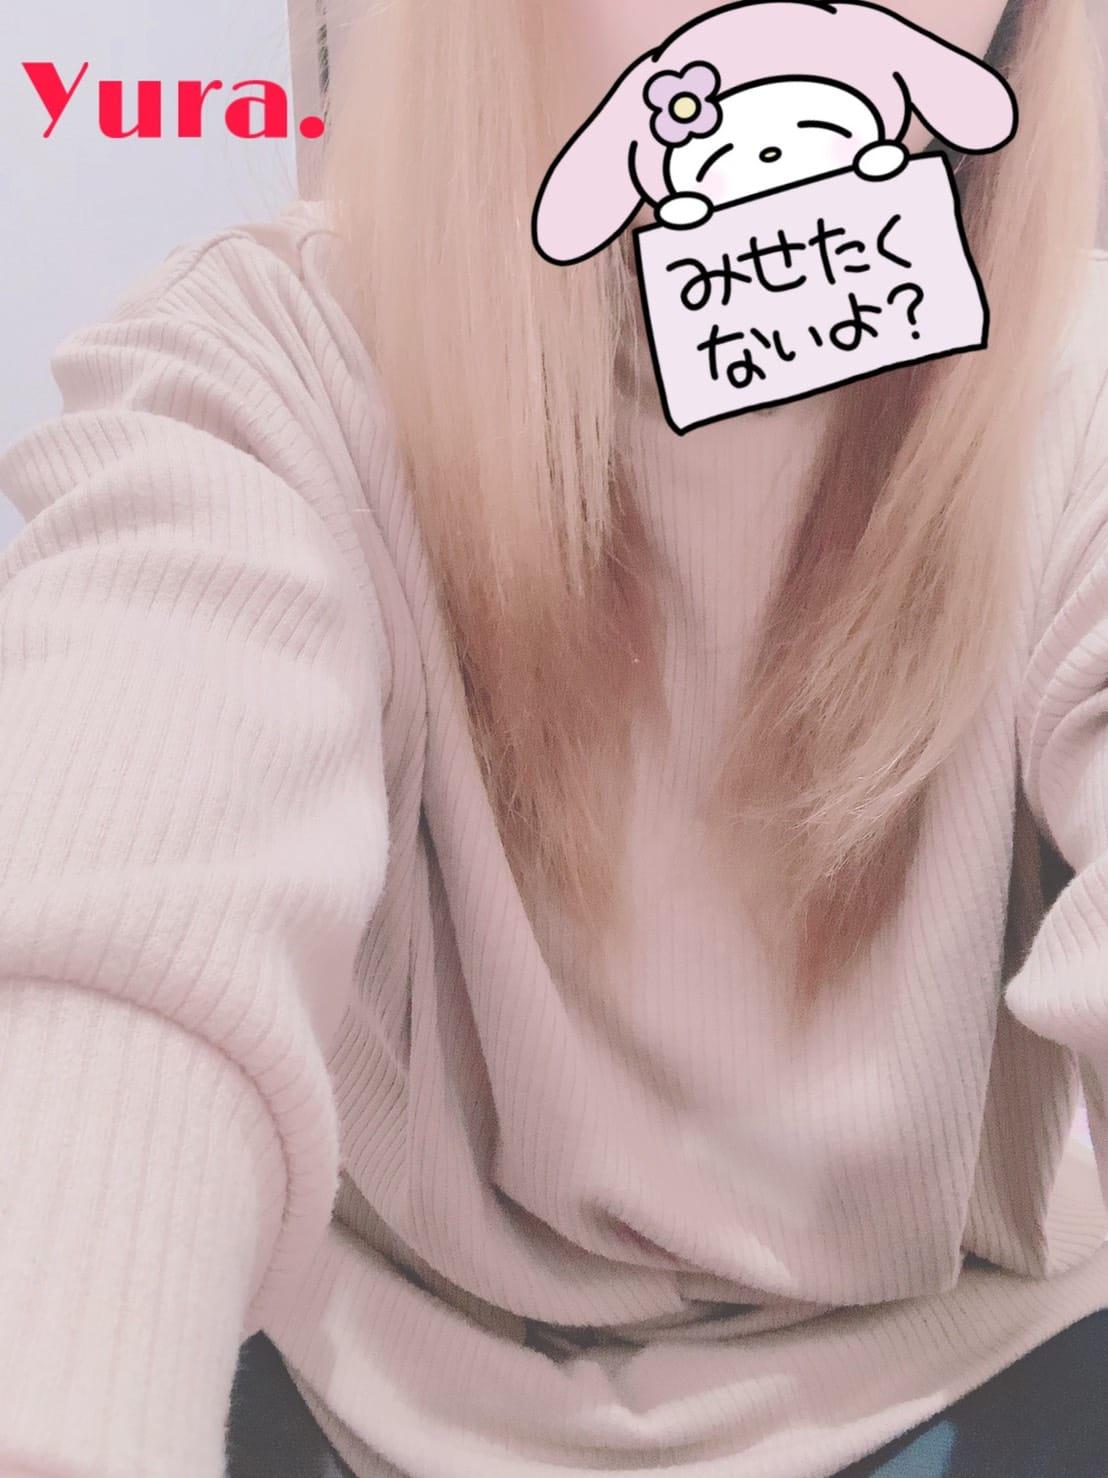 「ゆらです♪」01/18(01/18) 17:53 | ゆらの写メ・風俗動画